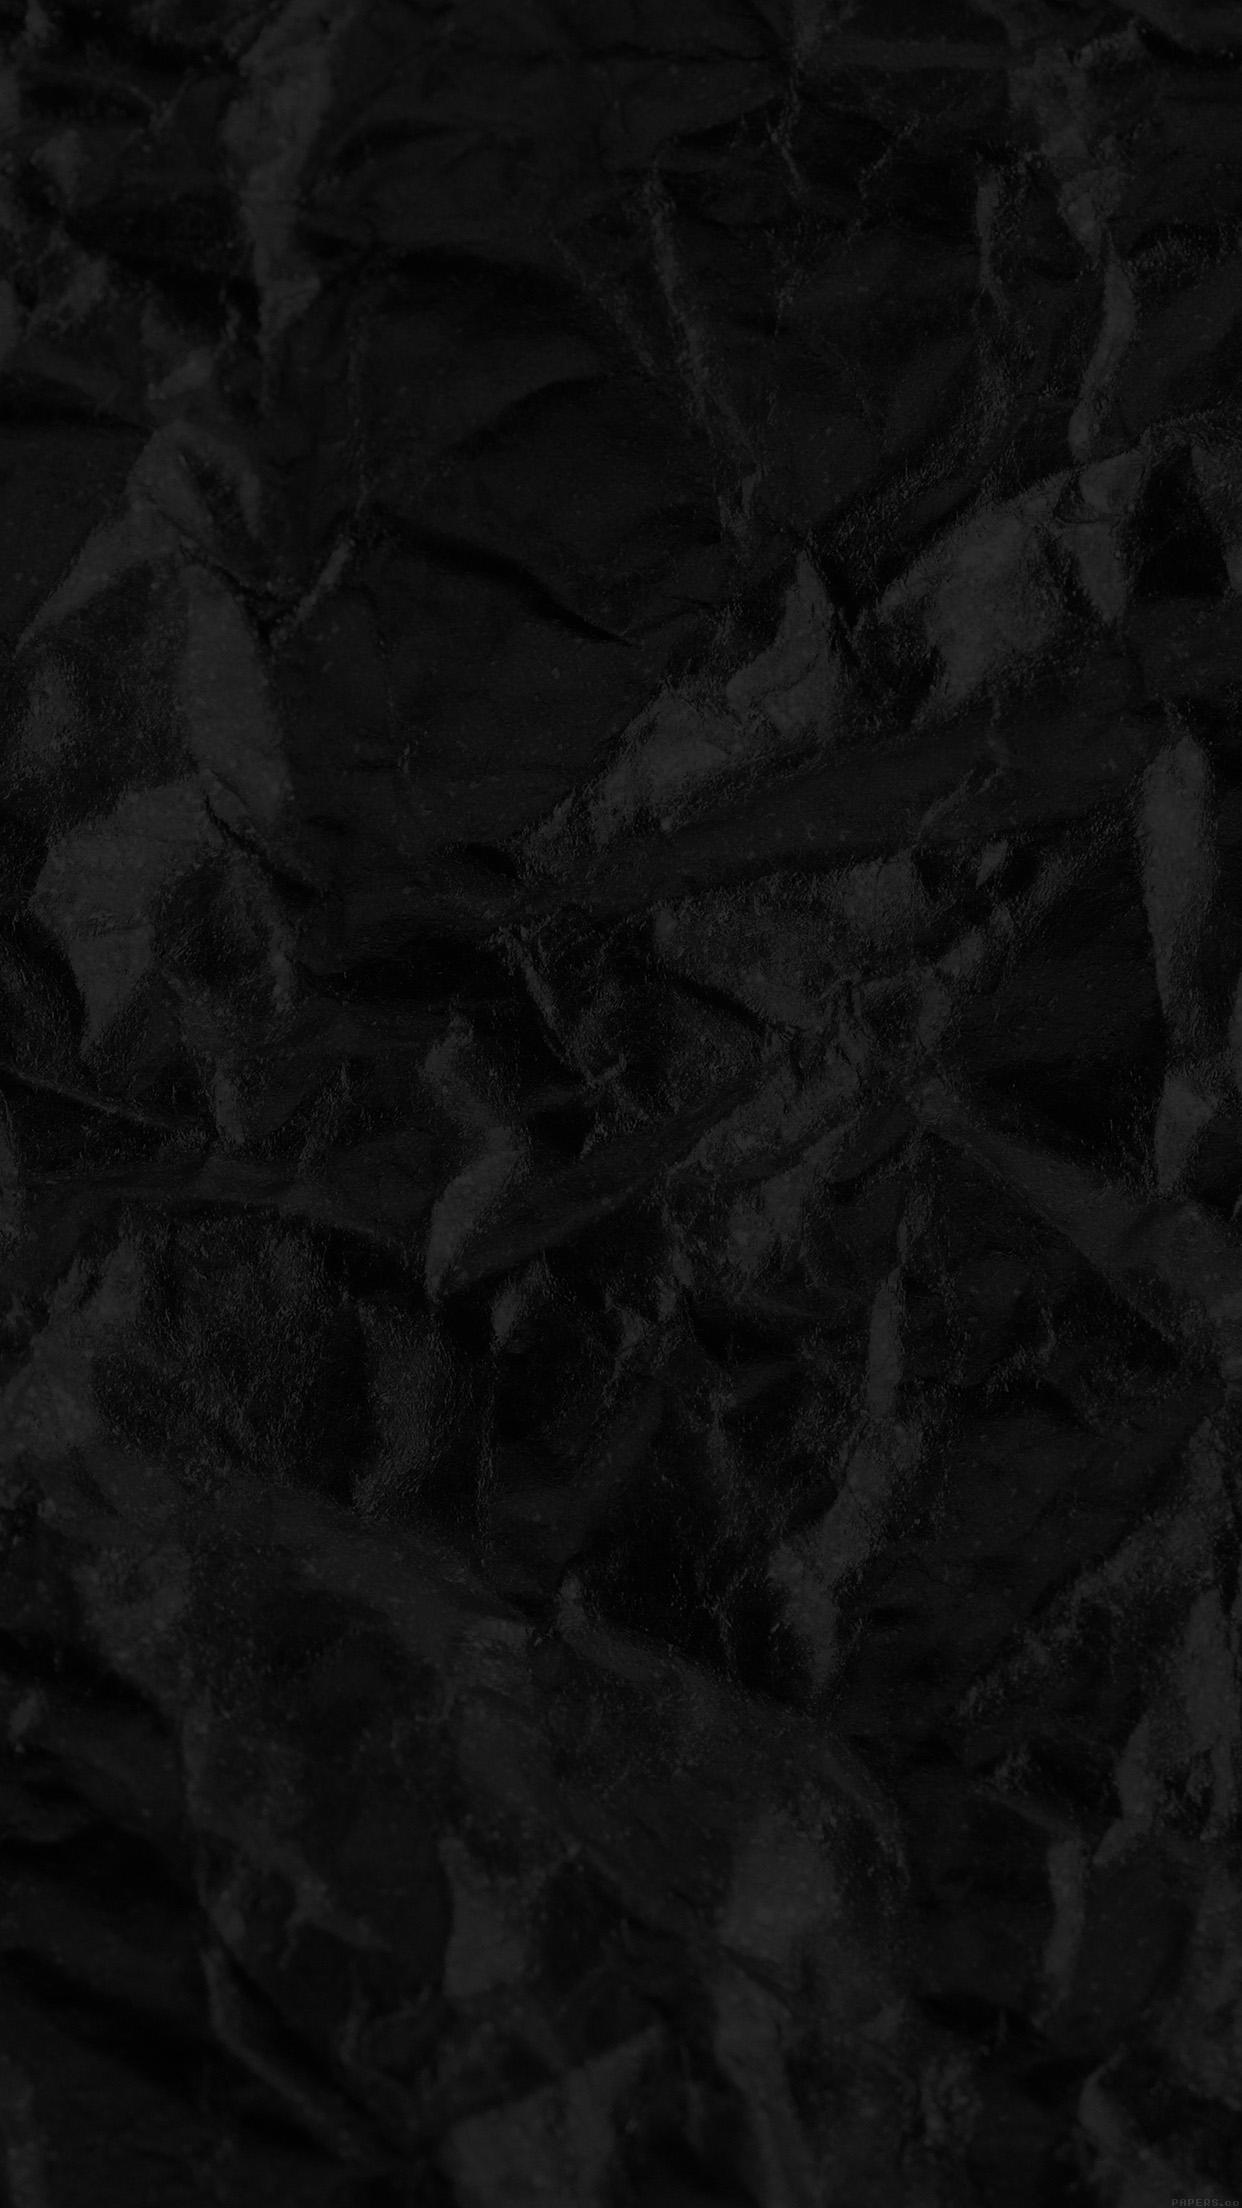 Papersco Iphone Wallpaper Ve30 Foil Black Texture Pattern